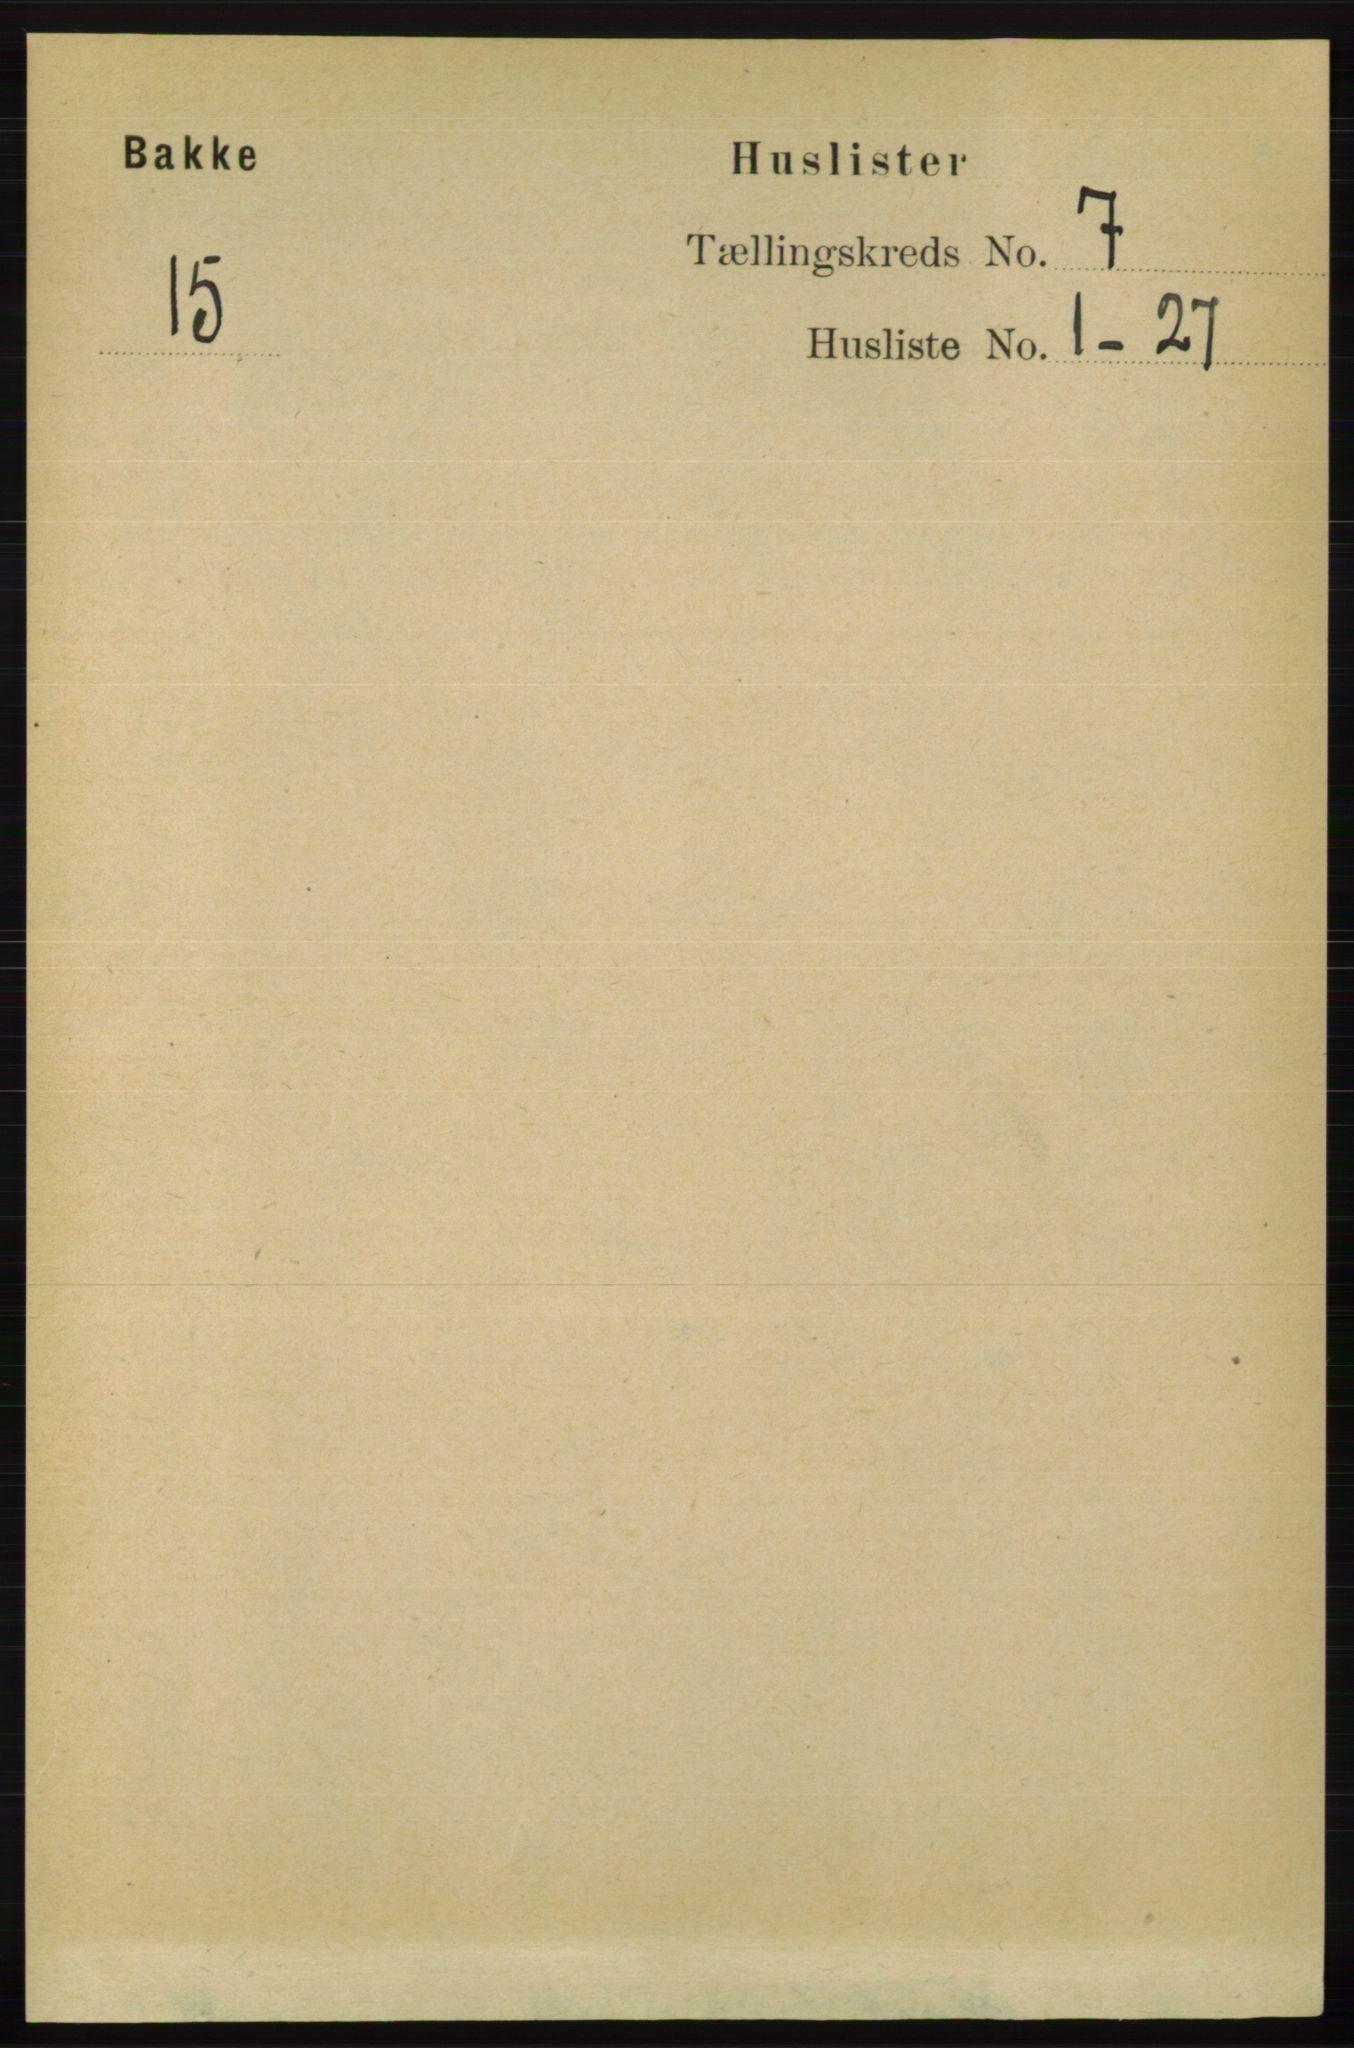 RA, Folketelling 1891 for 1045 Bakke herred, 1891, s. 1275